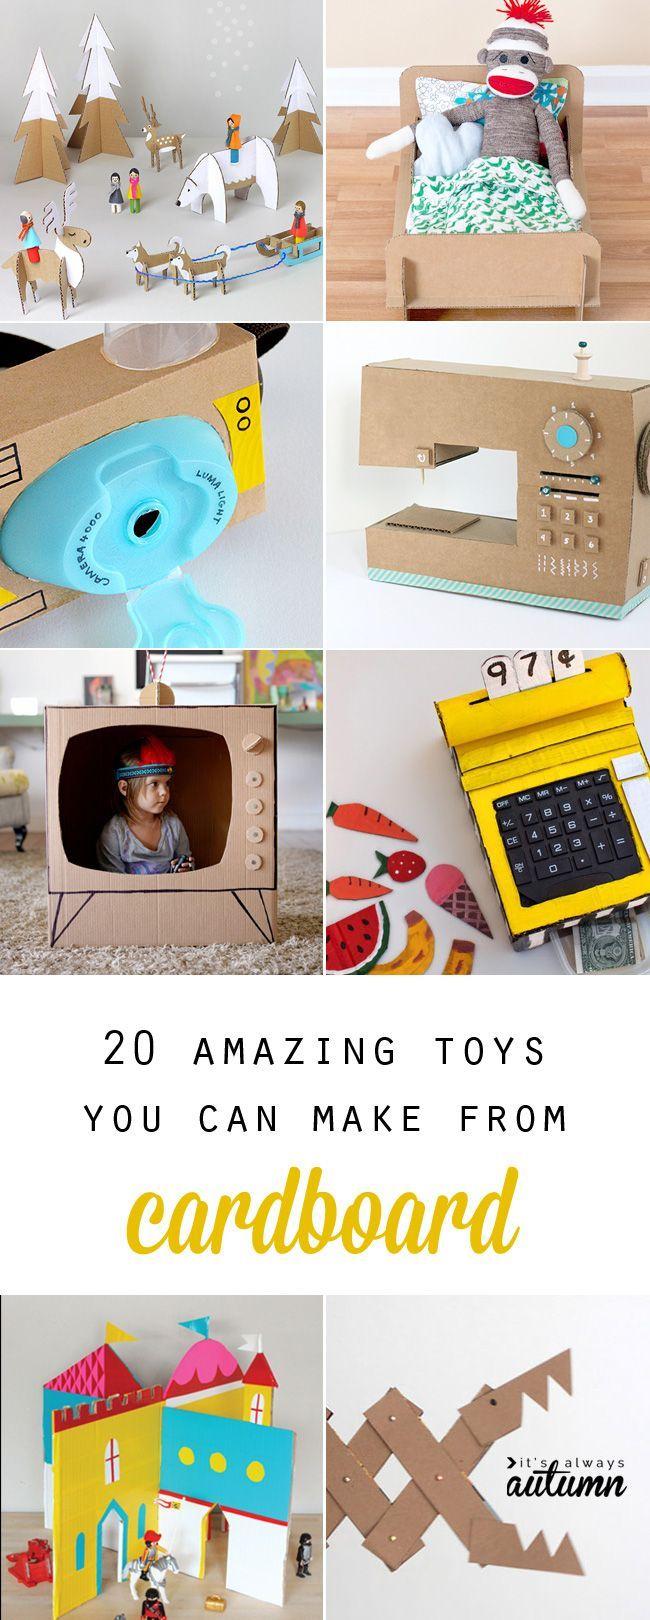 20 tolle Spielzeuge, die du aus Pappe herstellen kannst – das wäre